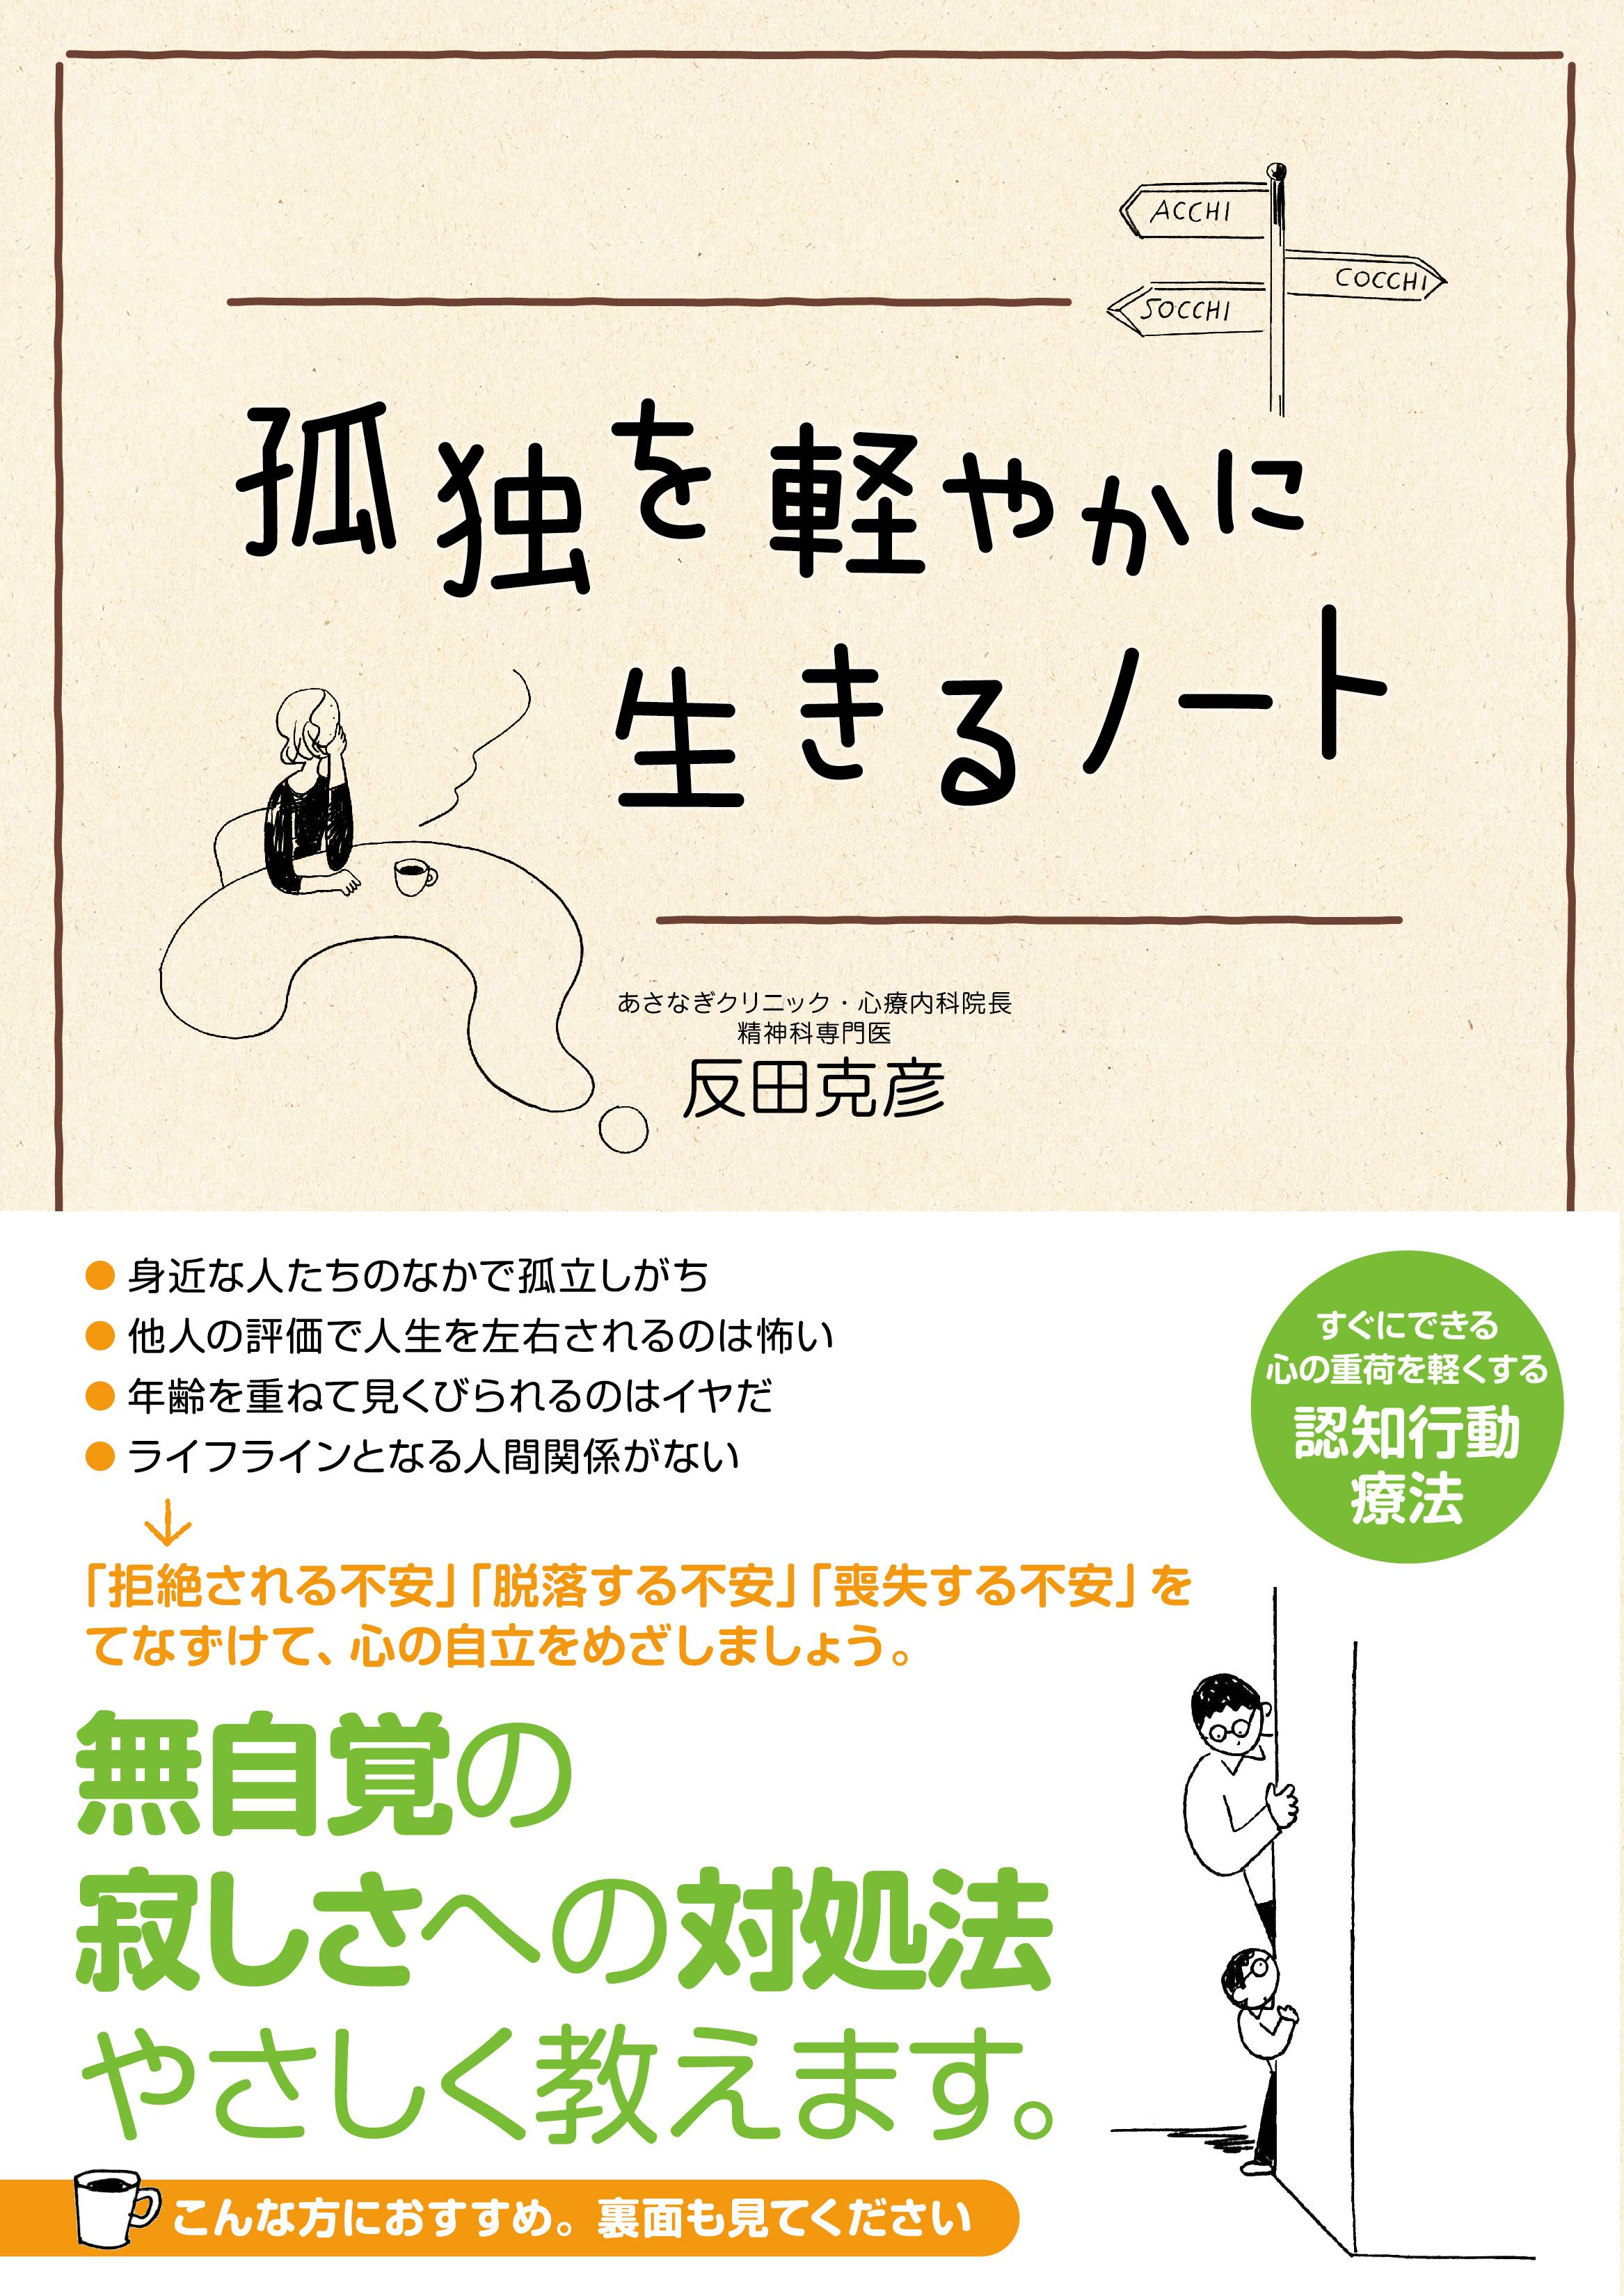 104-H1-kodokuwokaroyakani.jpg